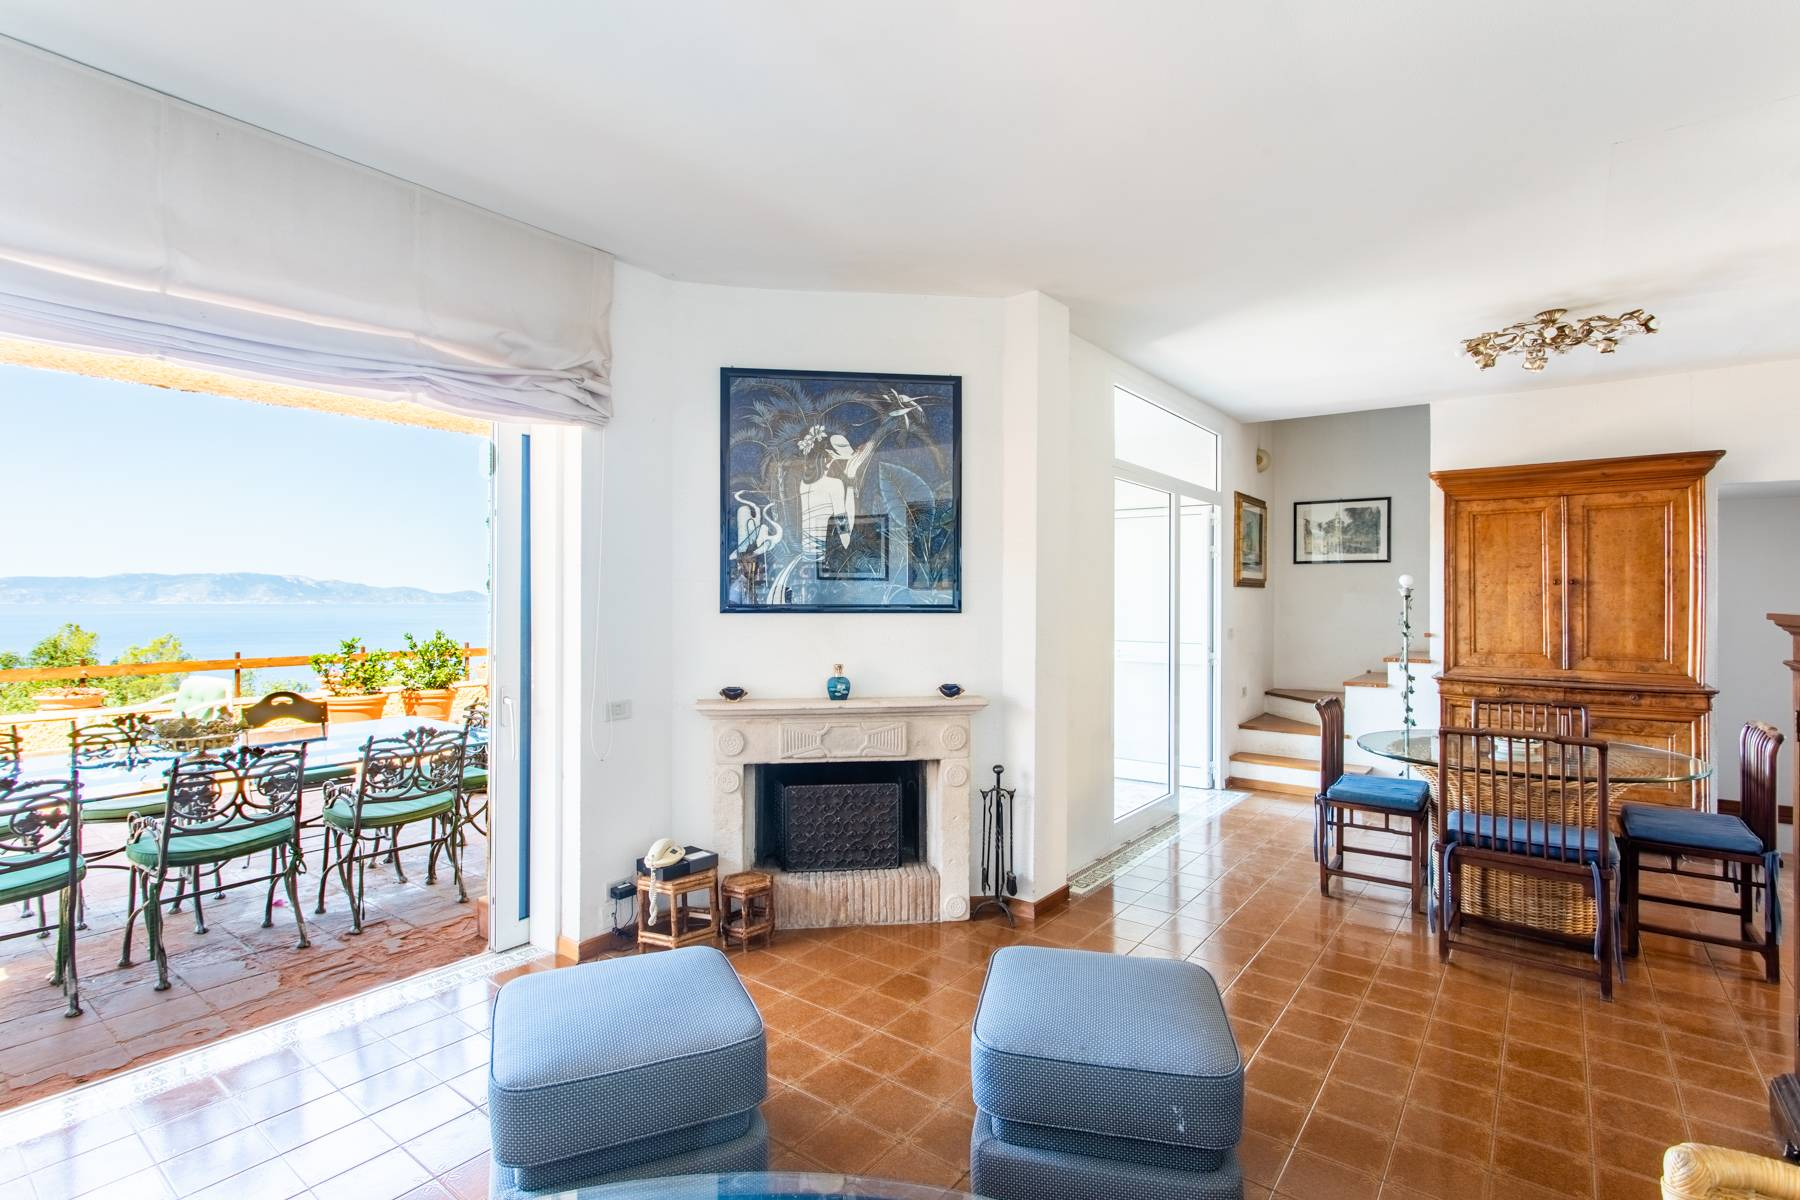 Casa indipendente in Vendita a Monte Argentario: 5 locali, 200 mq - Foto 3